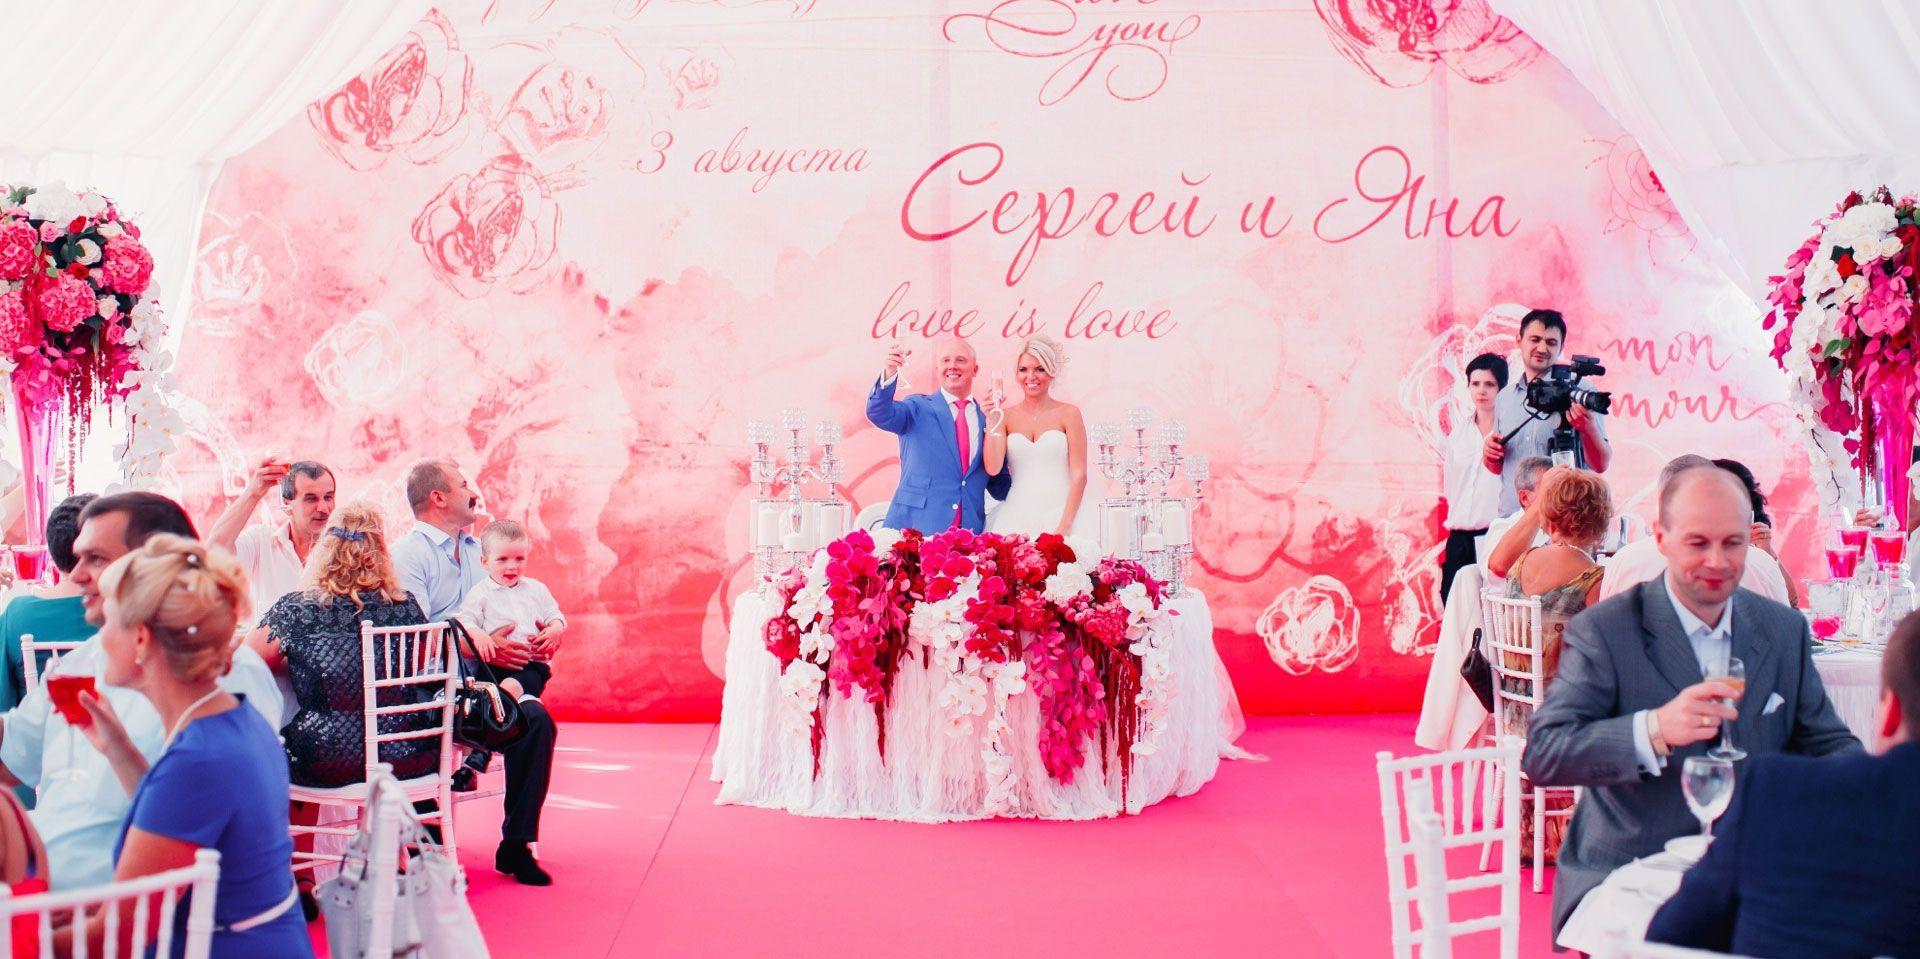 Лоск и глянец. Свадьба Яны и Сергея, фото 14